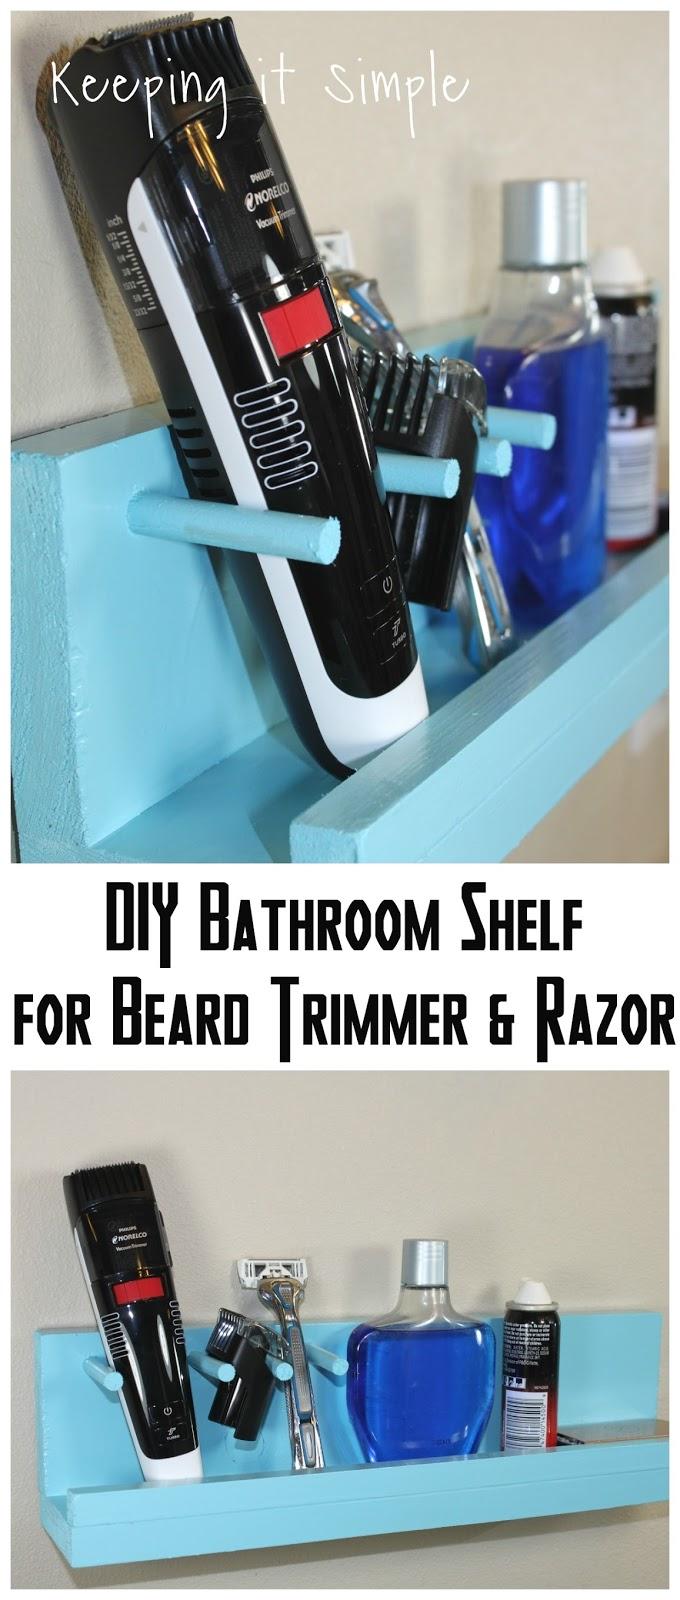 Gift Idea for Men- DIY Bathroom Shelf for Beard Trimmer and Razor ...